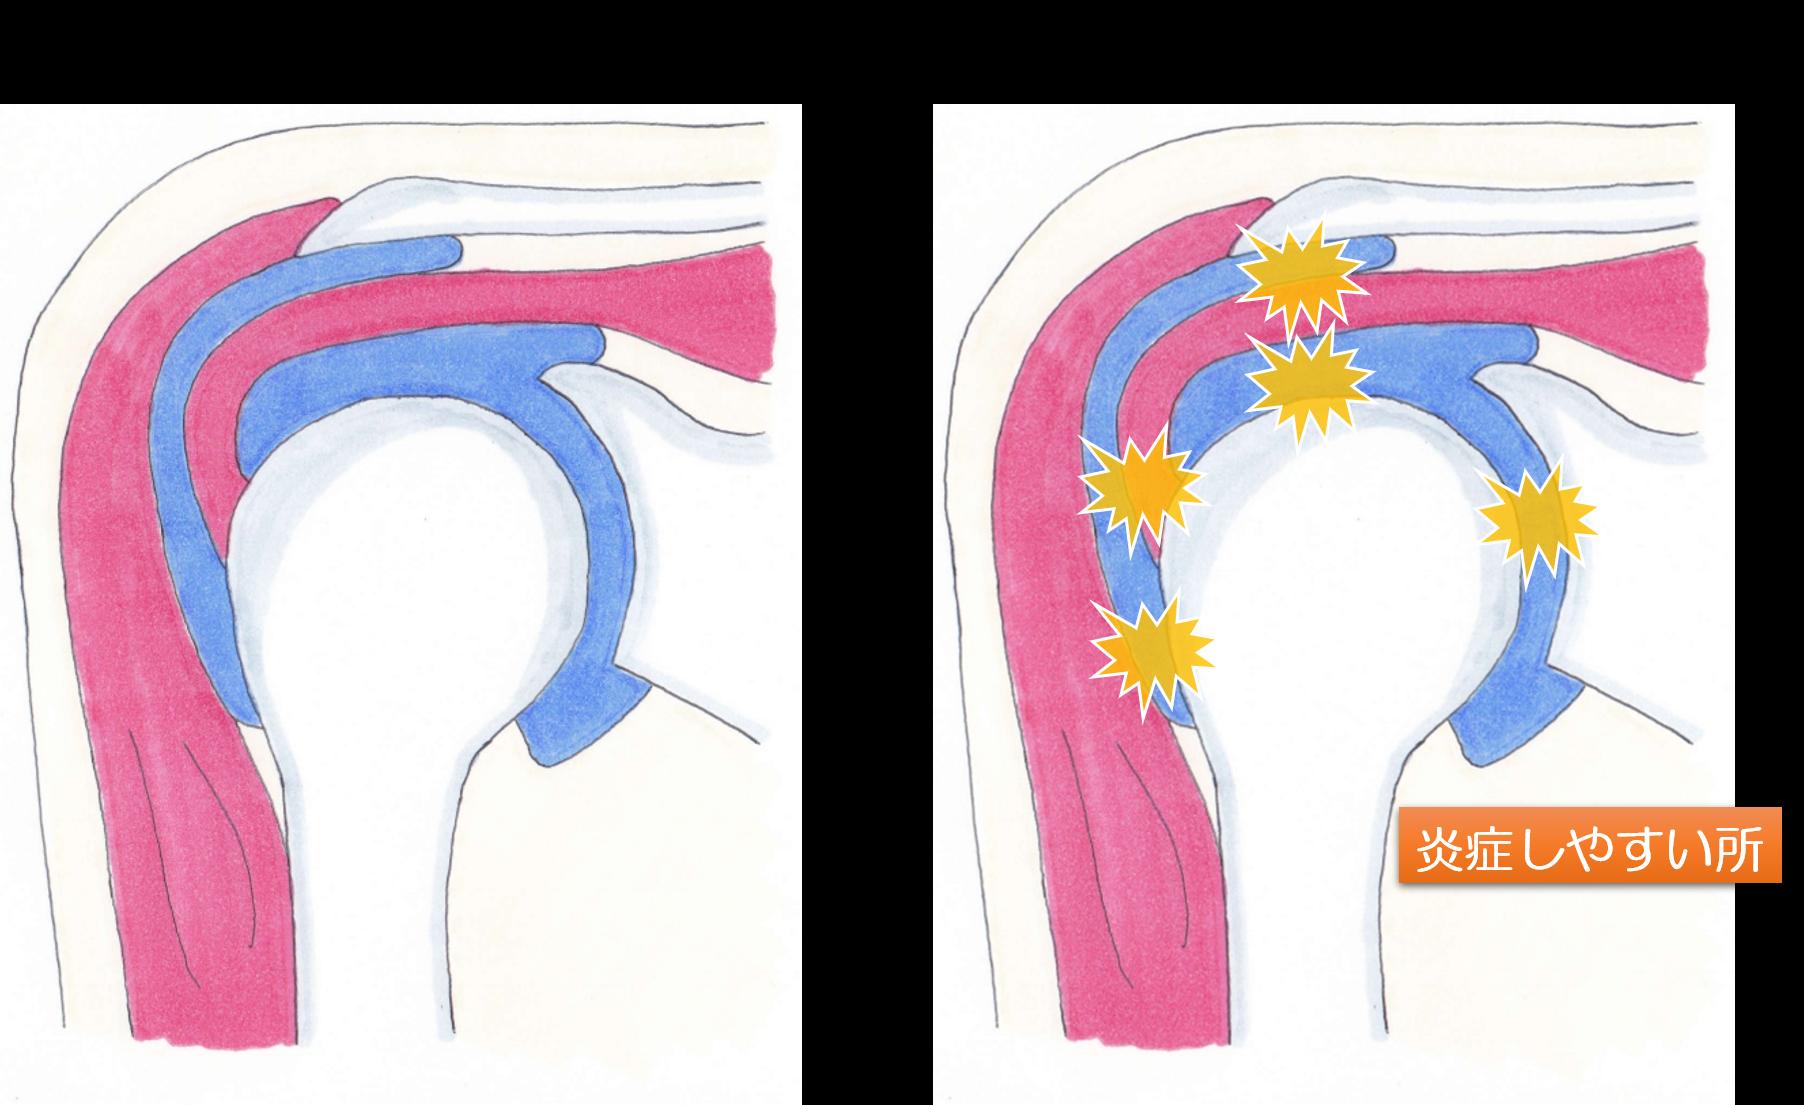 肩関節周囲炎の画像